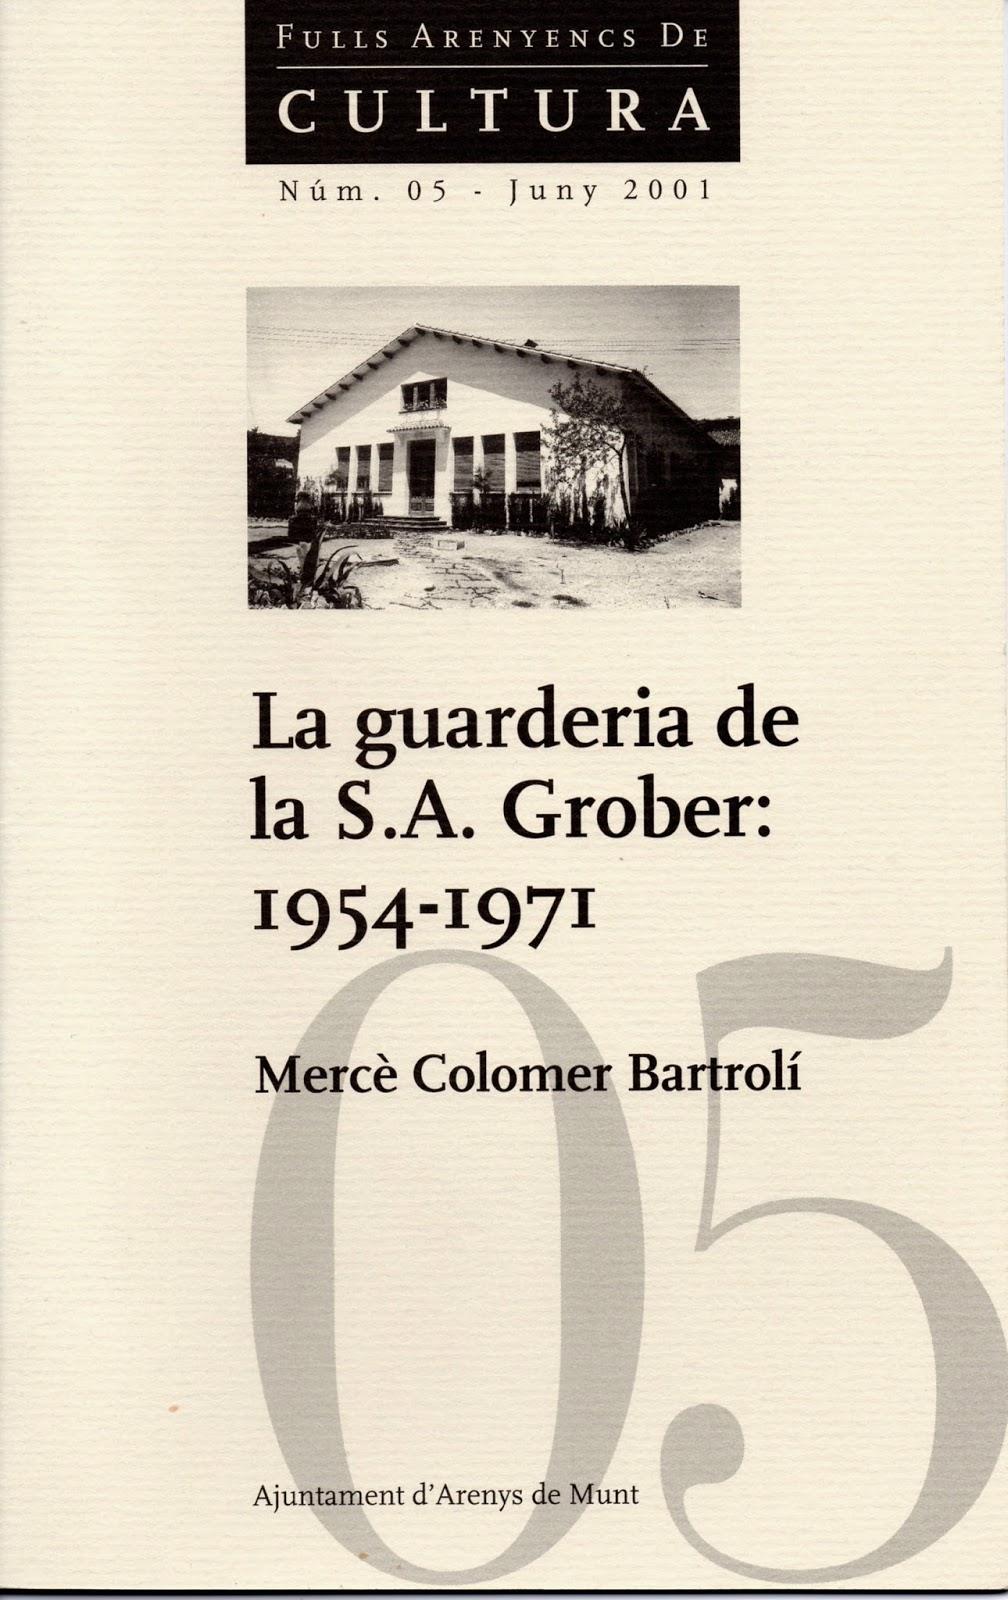 La guarderia de la S.A. Grober: 1954-1971